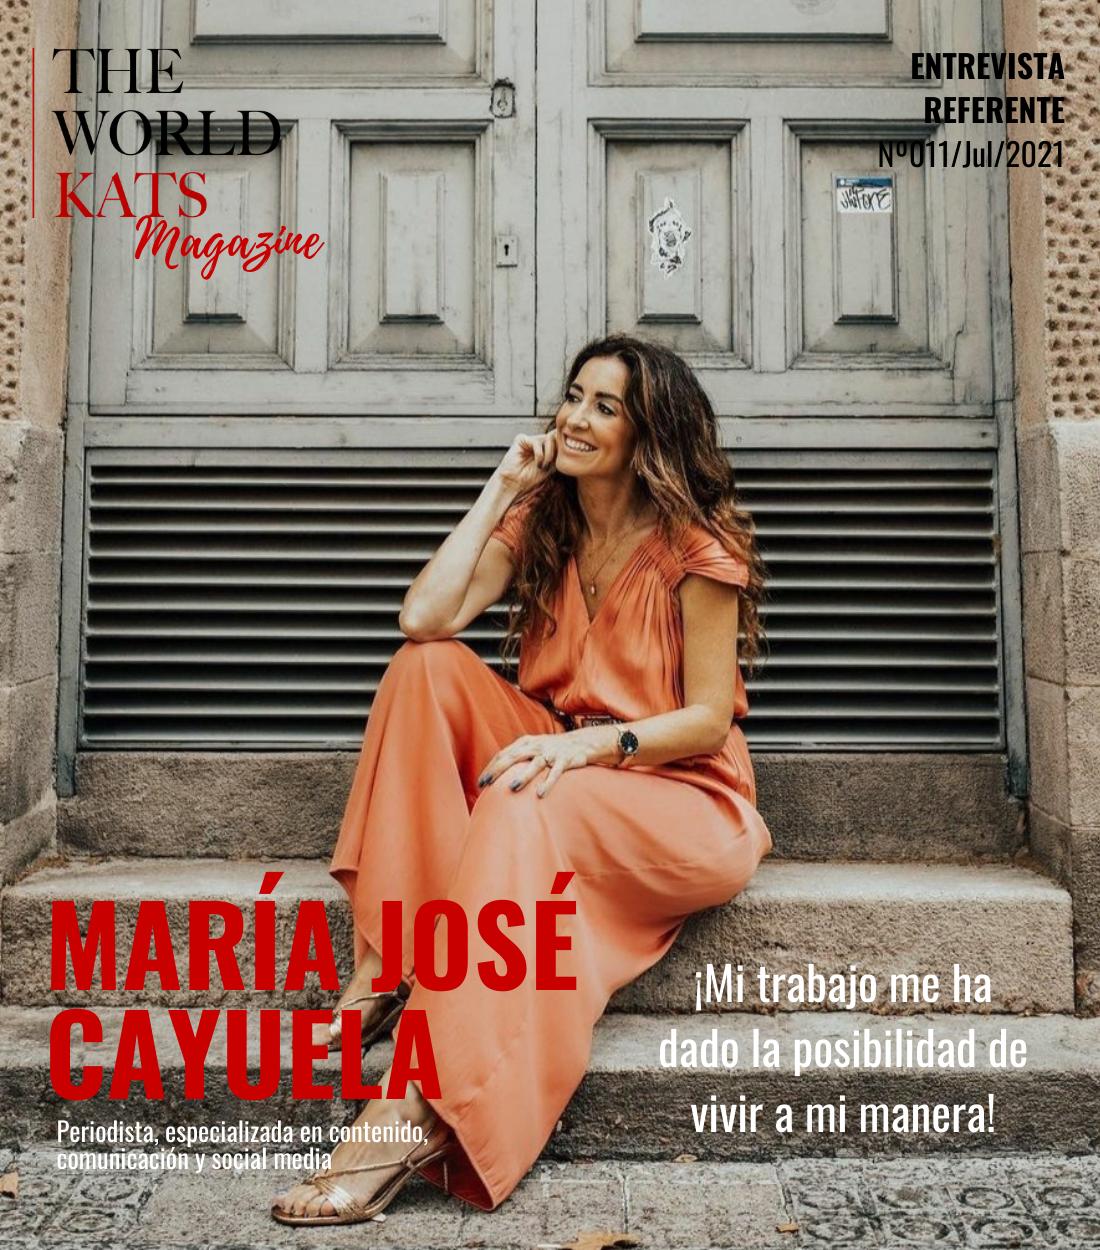 Entrevista a María José Cayuela, Periodista, especializada en contenido, comunicación y social media